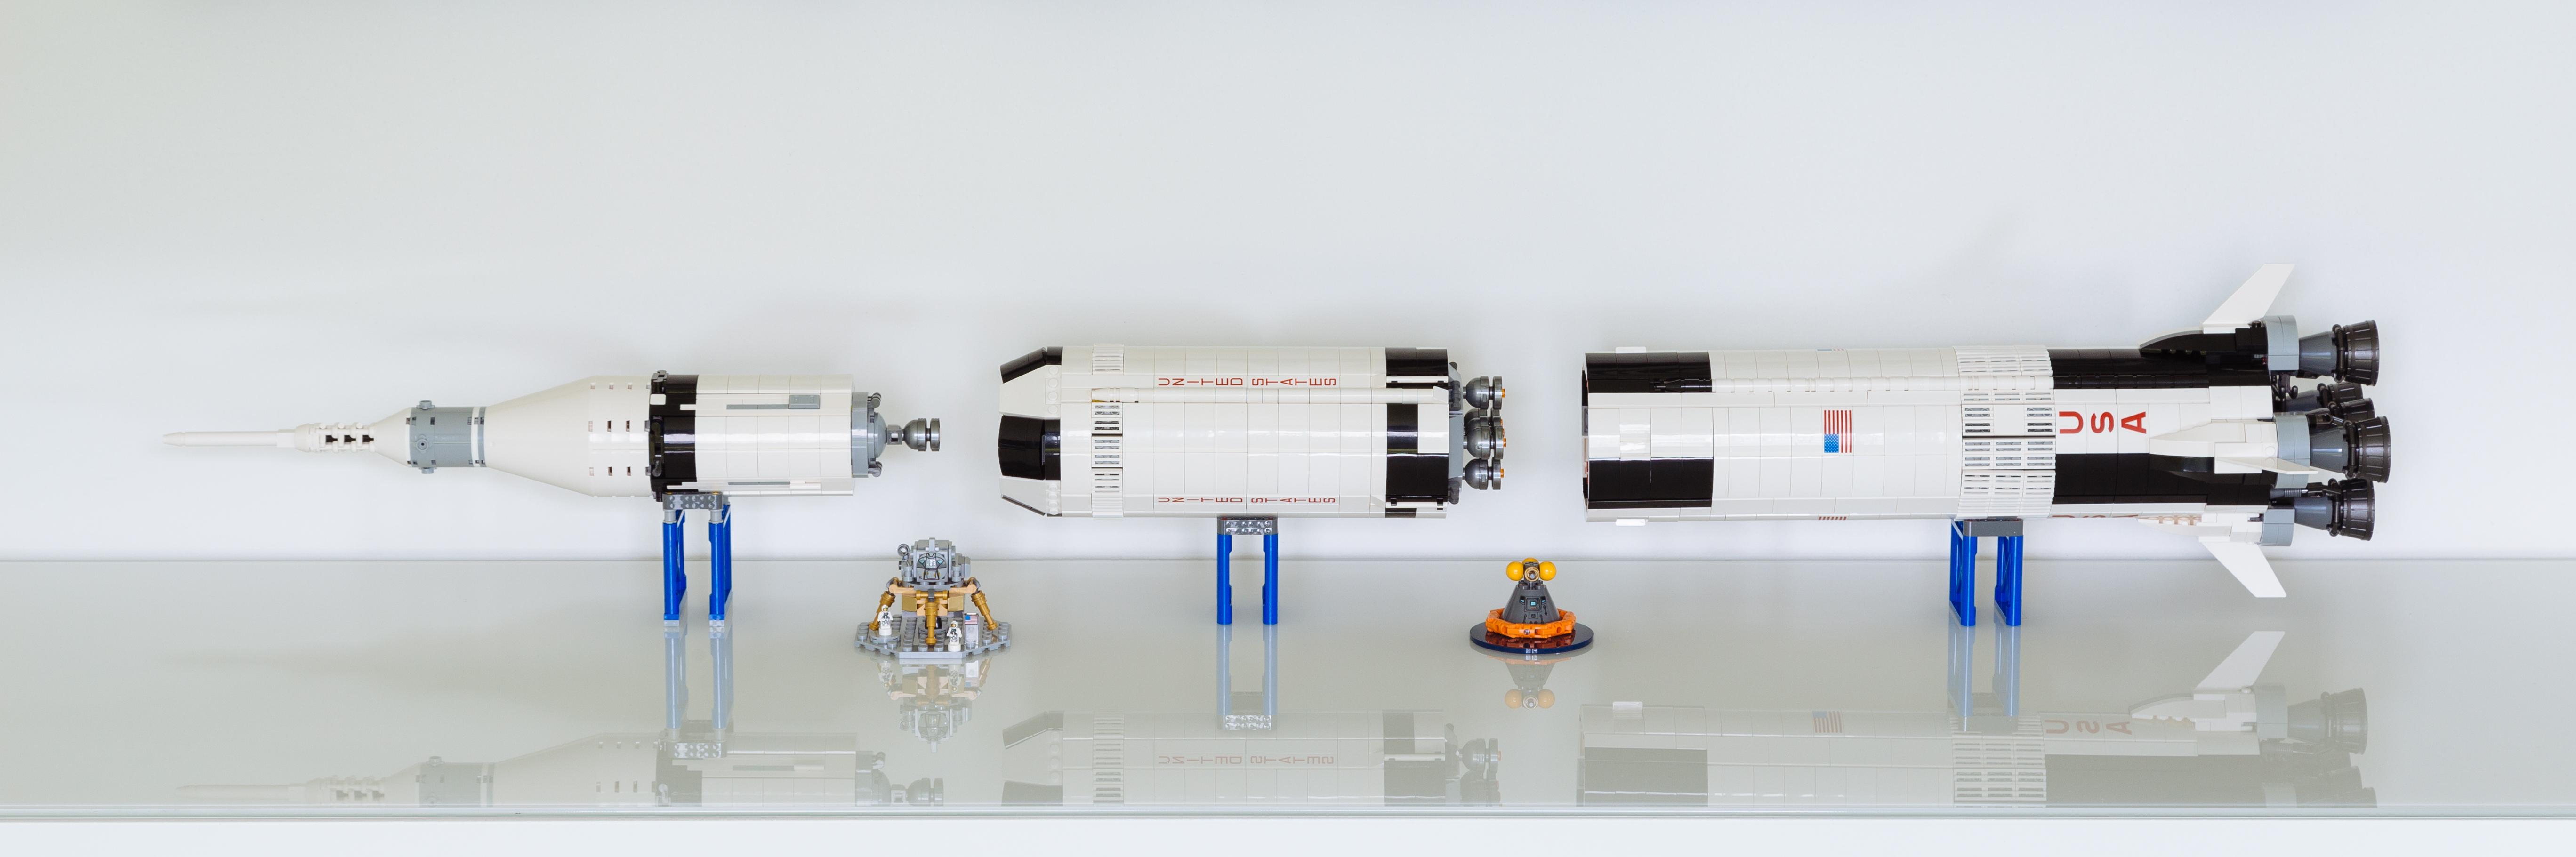 20170611_LEGO_SaturnV-1